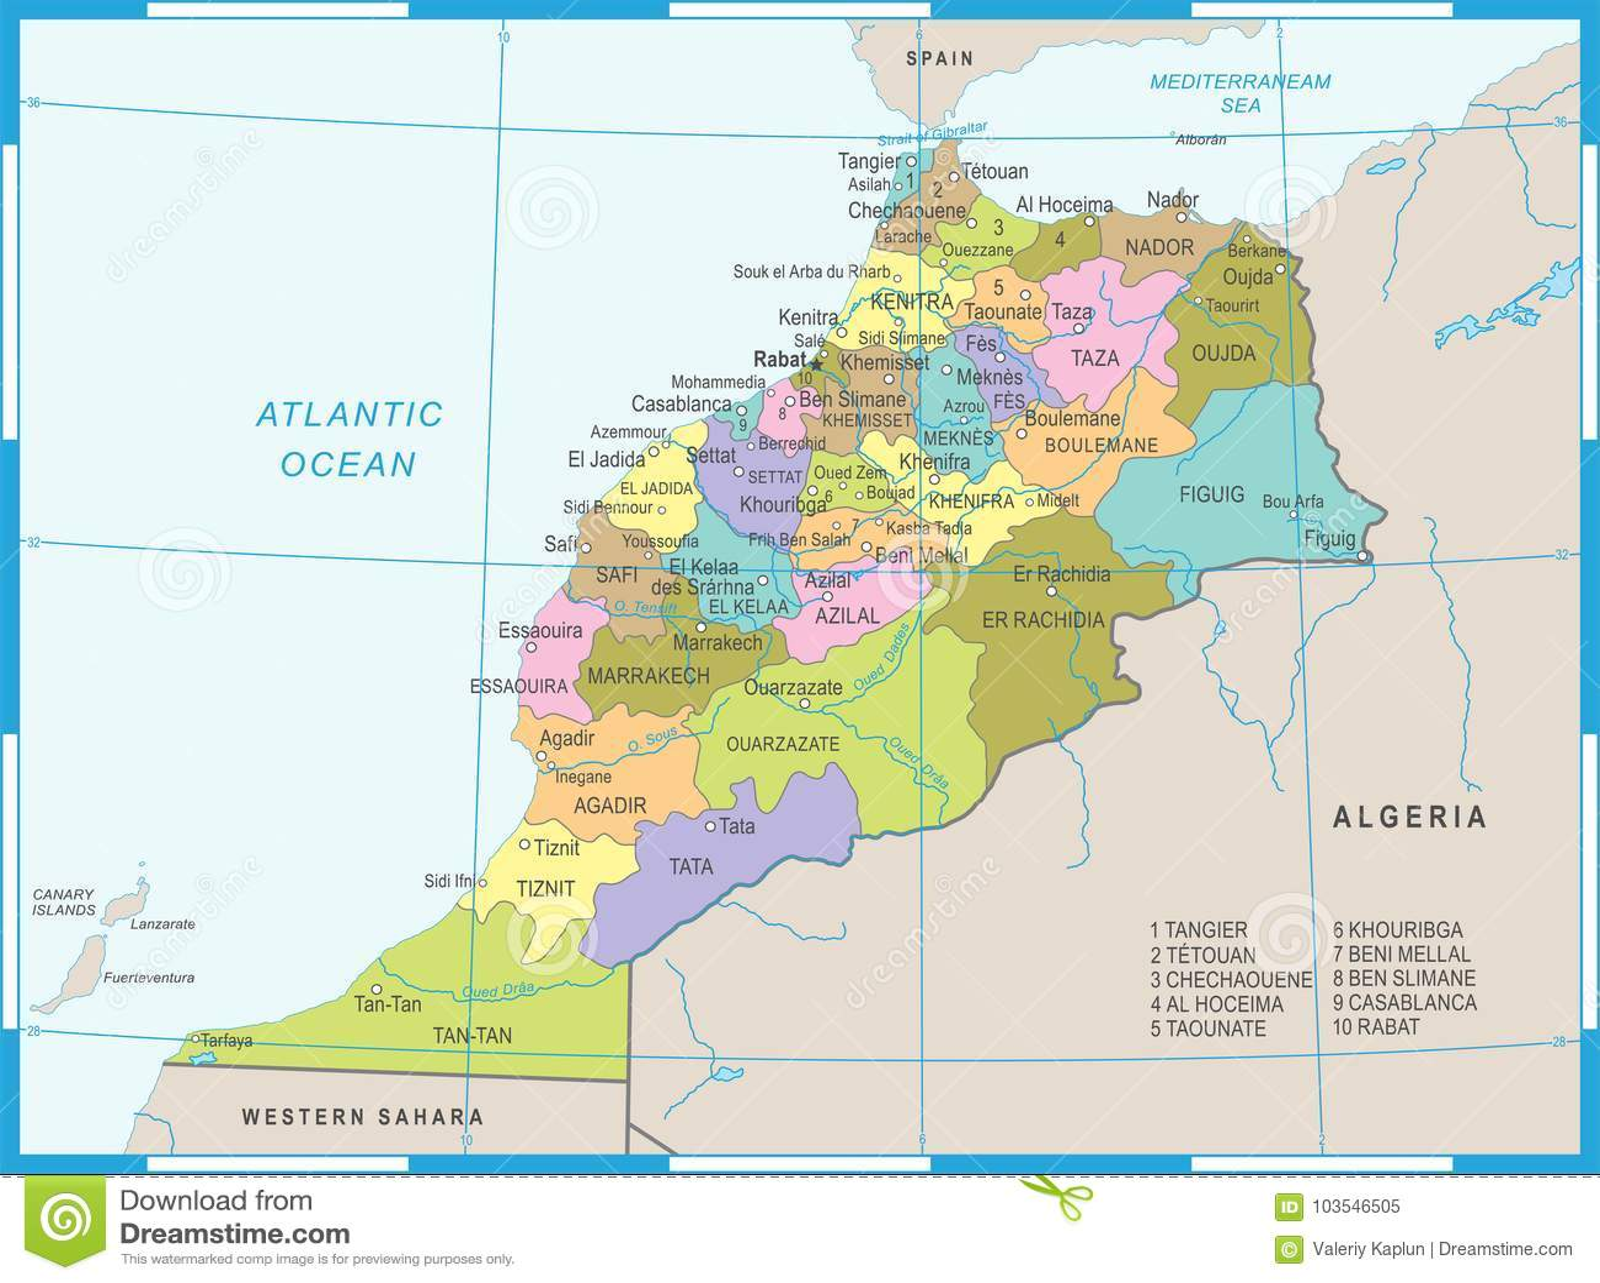 Cartina Geografica Marocco.Mappa Del Marocco Illustrazione Dettagliata Di Vettore